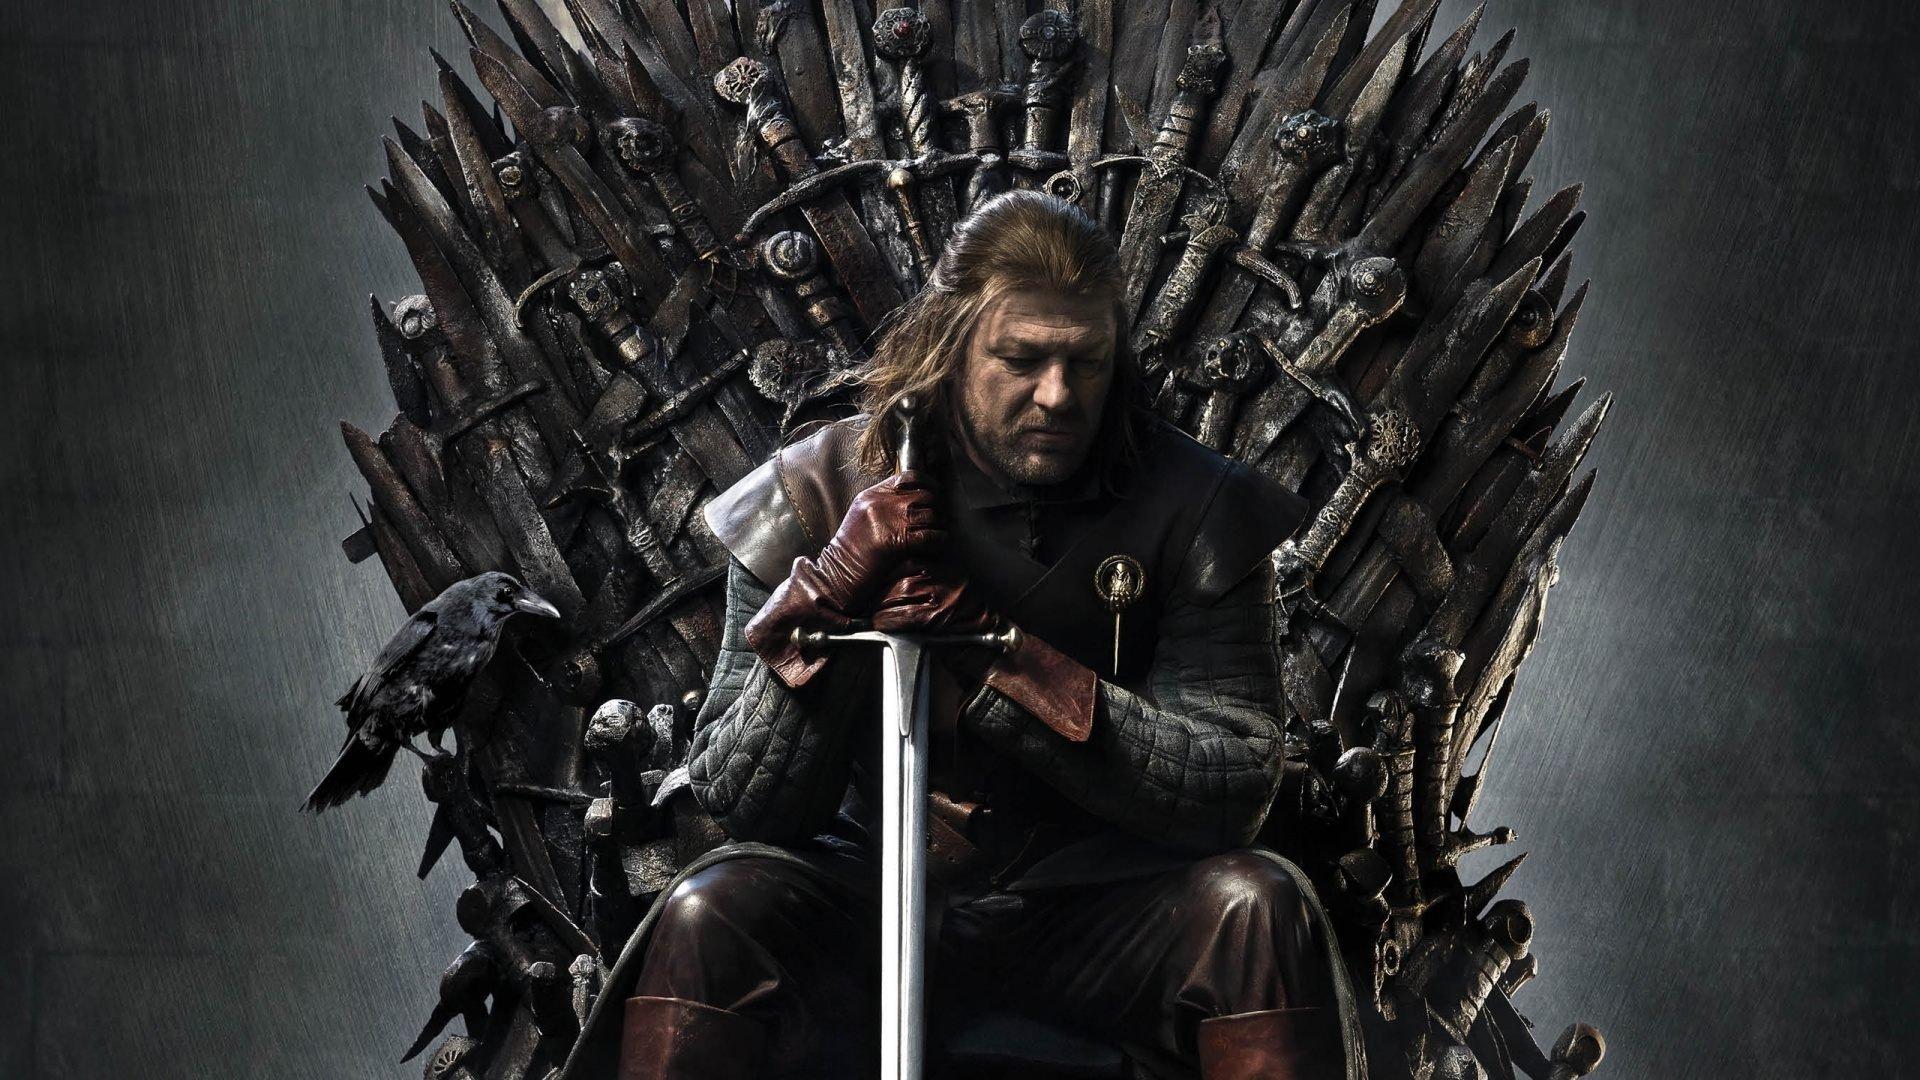 Новую серию «Игры престолов» можно будет бесплатно посмотреть в Skyforge - Изображение 1